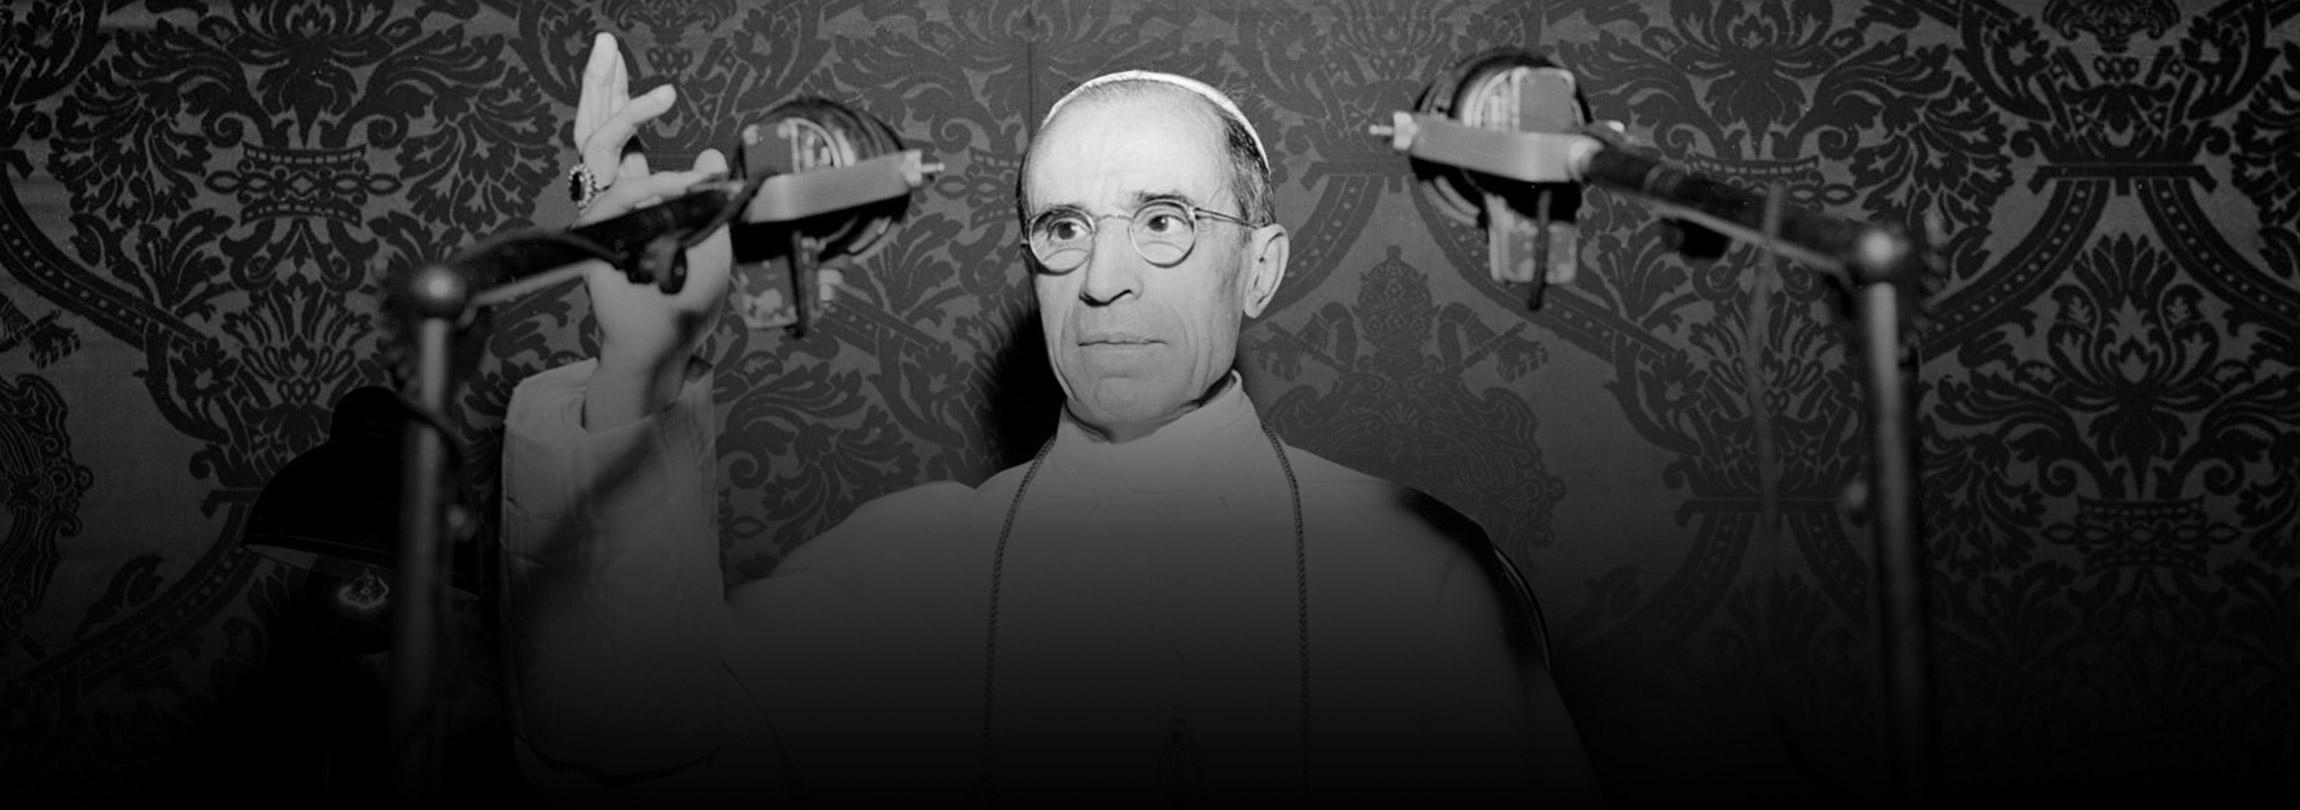 Quando Pio XII fez brilhar o Esplendor da Verdade